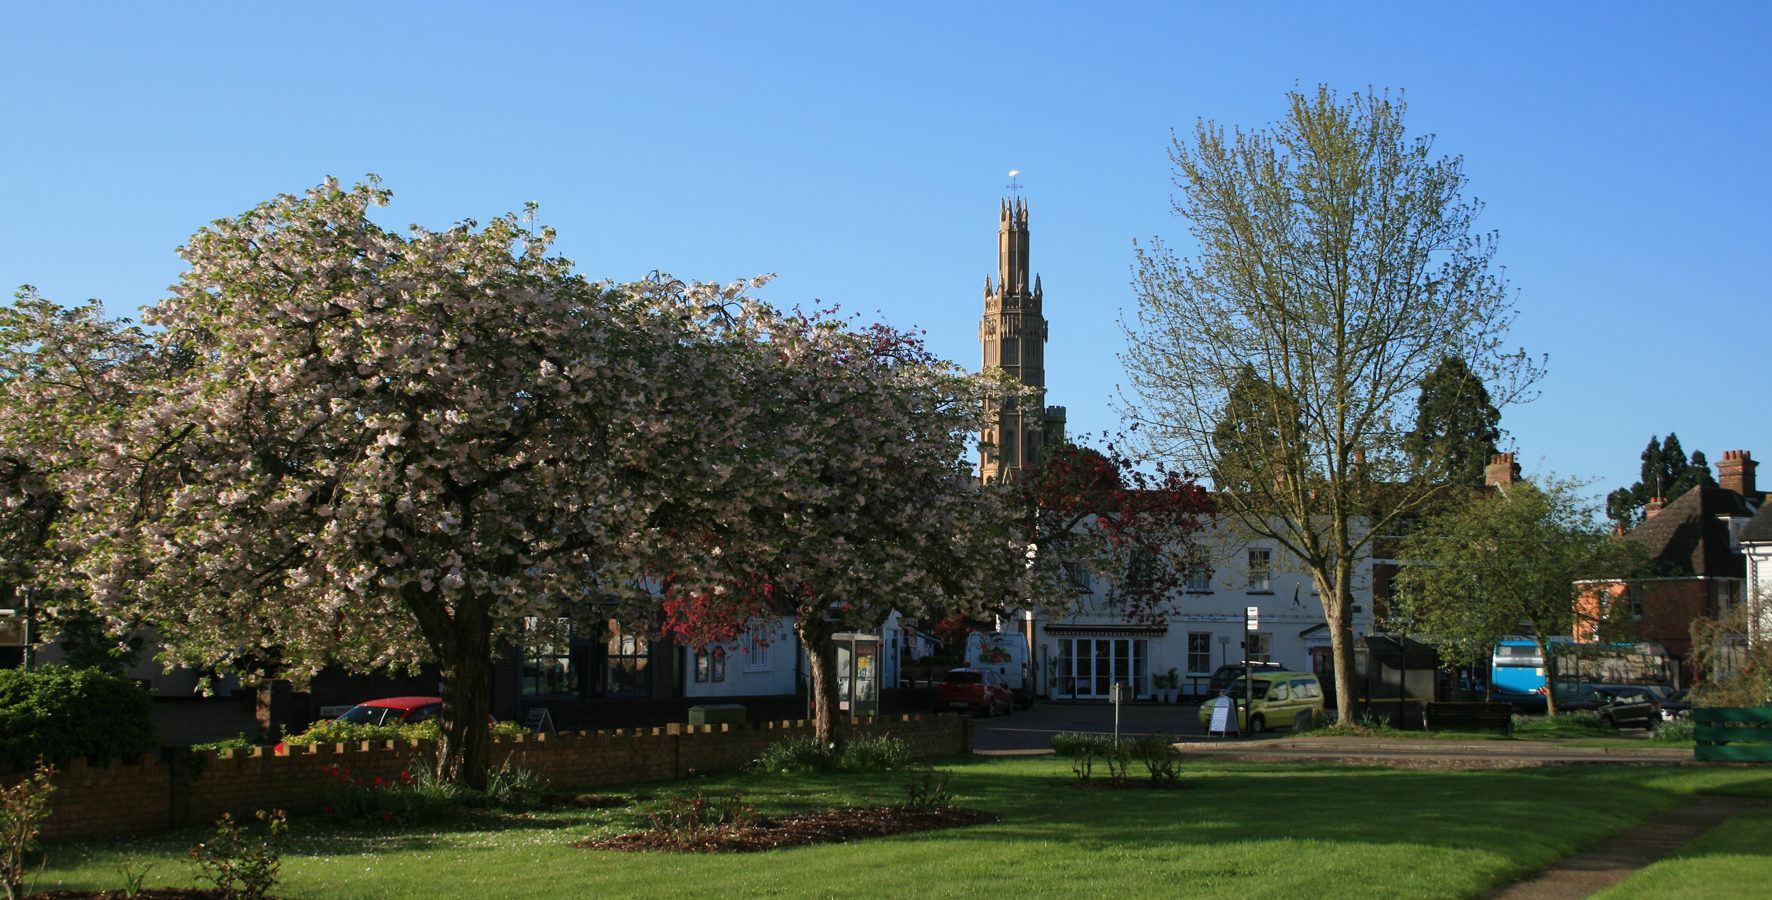 Tower Village View Landscape